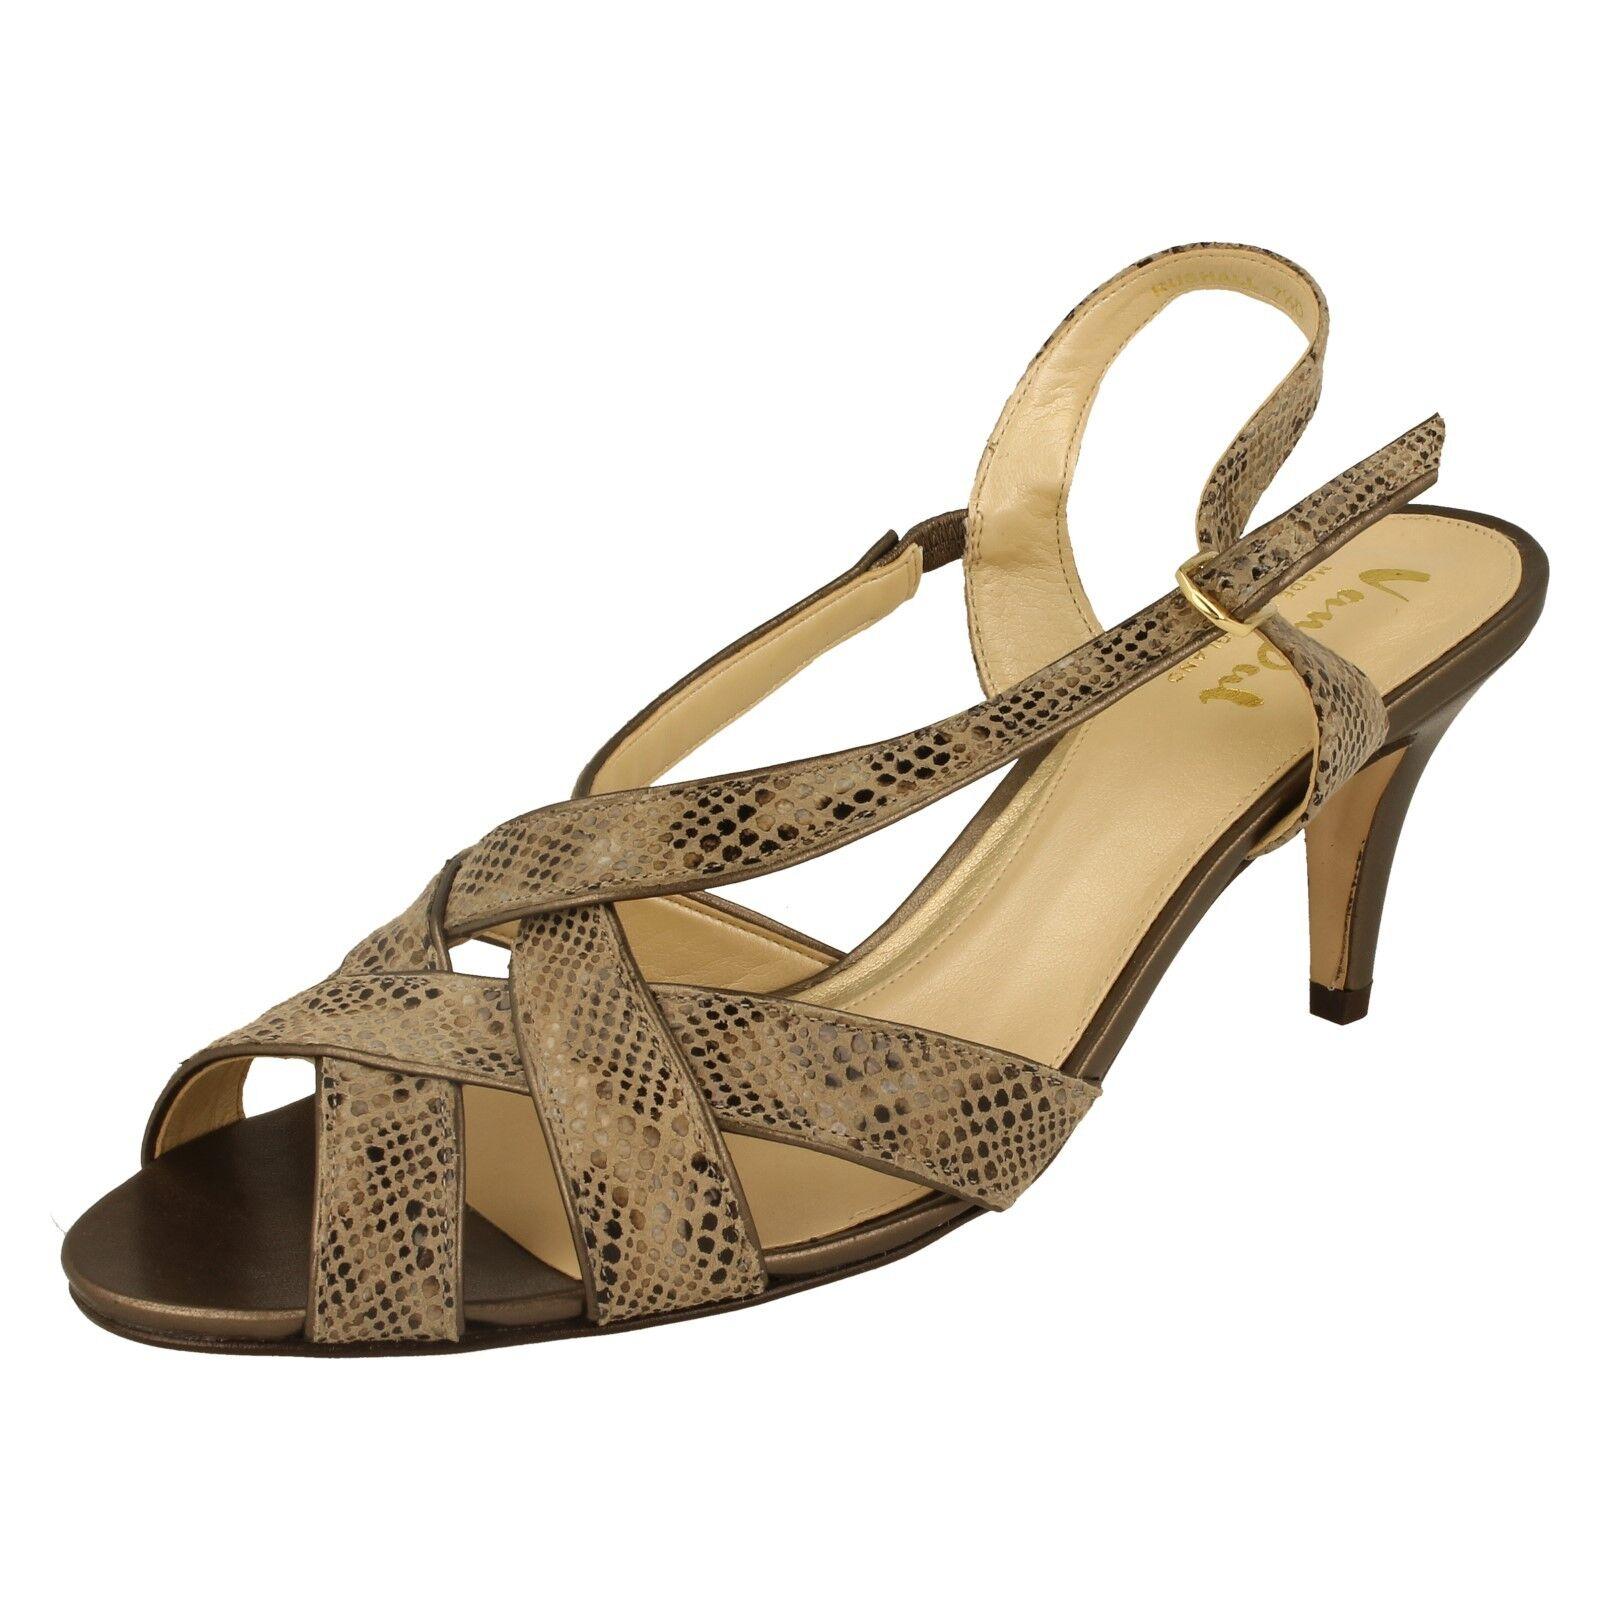 Damen Van Dal Sling Peep Toe Sandalen Ausstellungsstück - Schuhe  | Moderne und stilvolle Mode